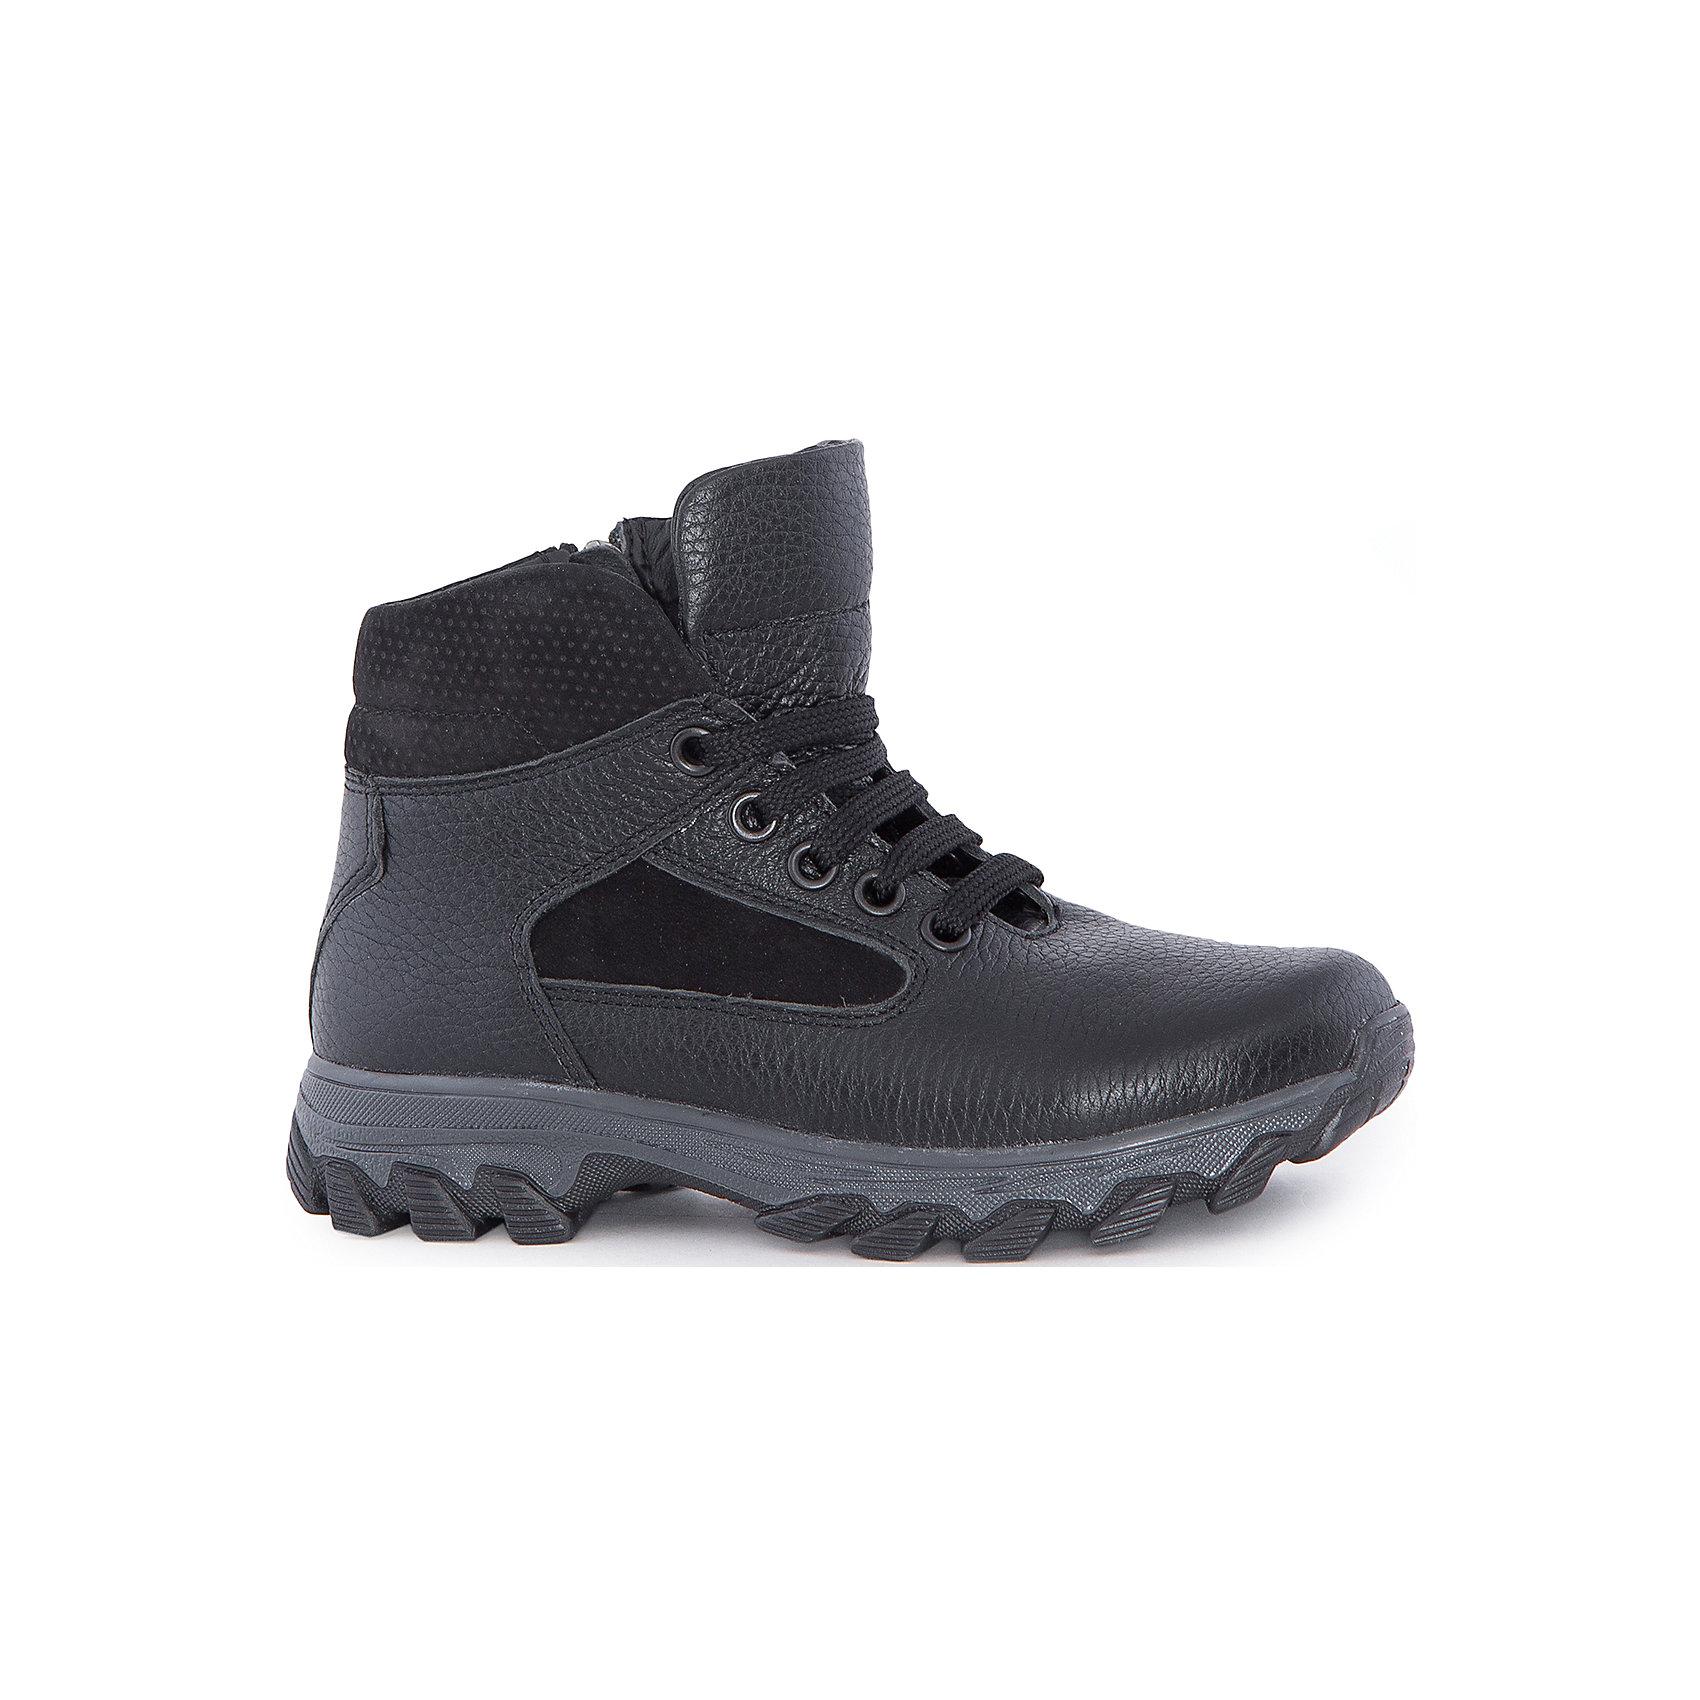 Ботинки для мальчика MursuОбувь<br>Ботинки для мальчика MURSU (Мурсу).<br><br>Характеристики:<br><br>• цвет: черный<br>• температурный режим до -25С<br>• материал верха: натуральная кожа<br>• внутренний материал: натуральная шерсть<br>• стелька: шерсть<br>застежка-молния сбоку, шнурки<br>• сезон: зима<br><br>Удобные ботинки MURSU сохранят тепло и подарят комфорт на протяжении всей прогулки. Они изготовлены из натуральной кожи с подкладкой из шерсти. Рифленая подошва обеспечит устойчивость на сколькой дороге. Ботинки застегиваются на молнию сбоку и имеют шнуровку по толщине ноги спереди. Легкие удобные ботинки - отличный выбор для зимних прогулок!<br><br>Ботинки для мальчика MURSU (Мурсу) вы можете купить в нашем интернет-магазине.<br><br>Ширина мм: 262<br>Глубина мм: 176<br>Высота мм: 97<br>Вес г: 427<br>Цвет: черный<br>Возраст от месяцев: 108<br>Возраст до месяцев: 120<br>Пол: Мужской<br>Возраст: Детский<br>Размер: 33,37,35,32,36,34<br>SKU: 4862736